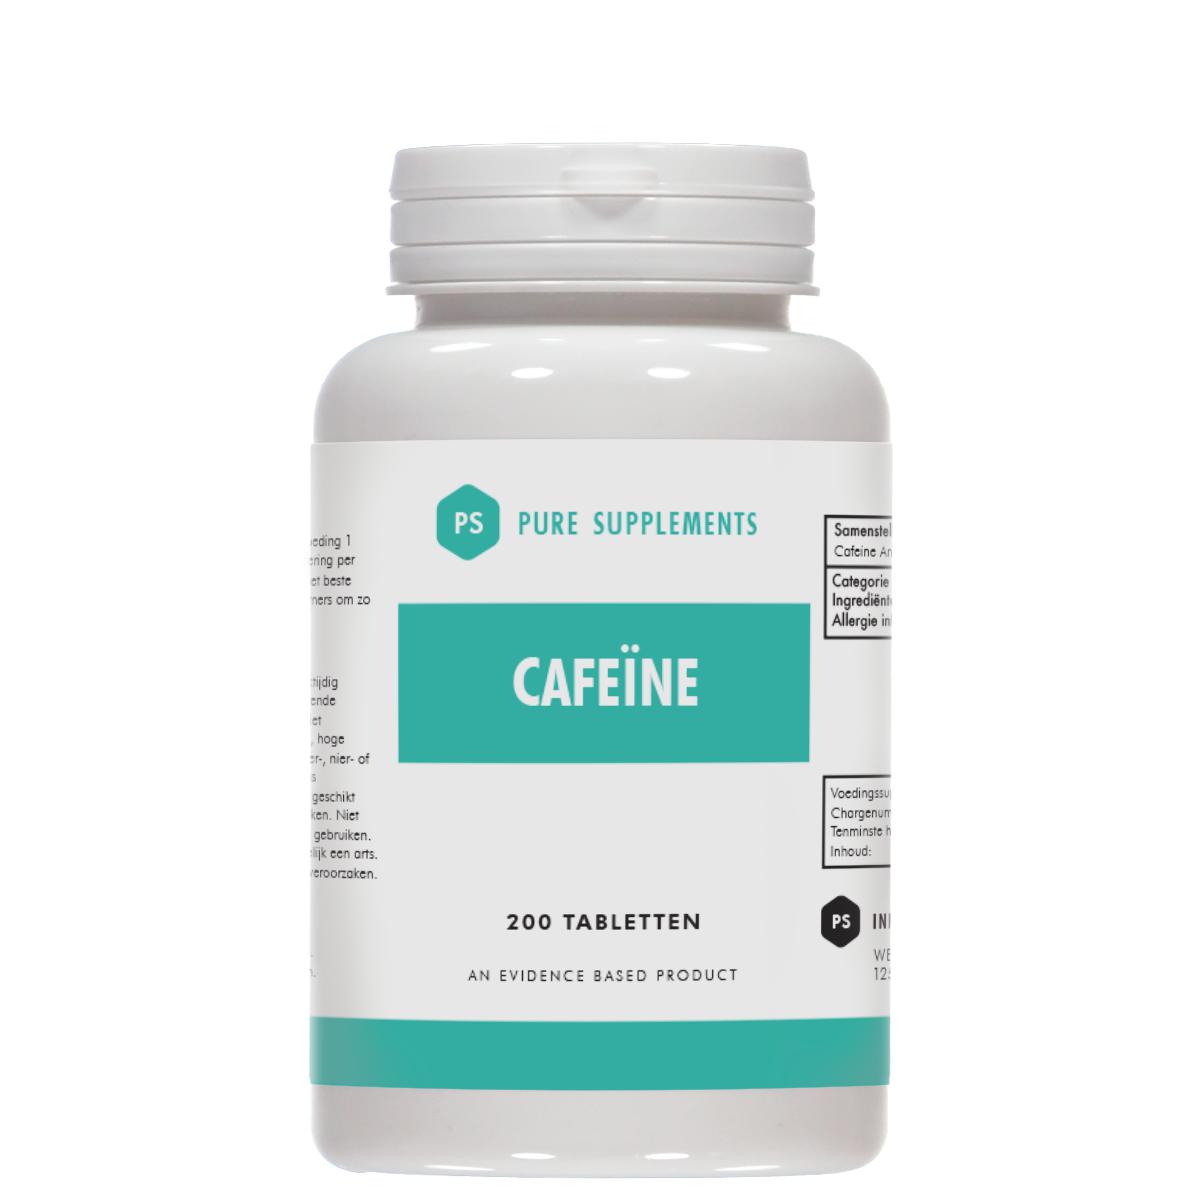 Cafeine-van-pure-supplements-meer-kracht-uithoudingsvermogen-vetverlies